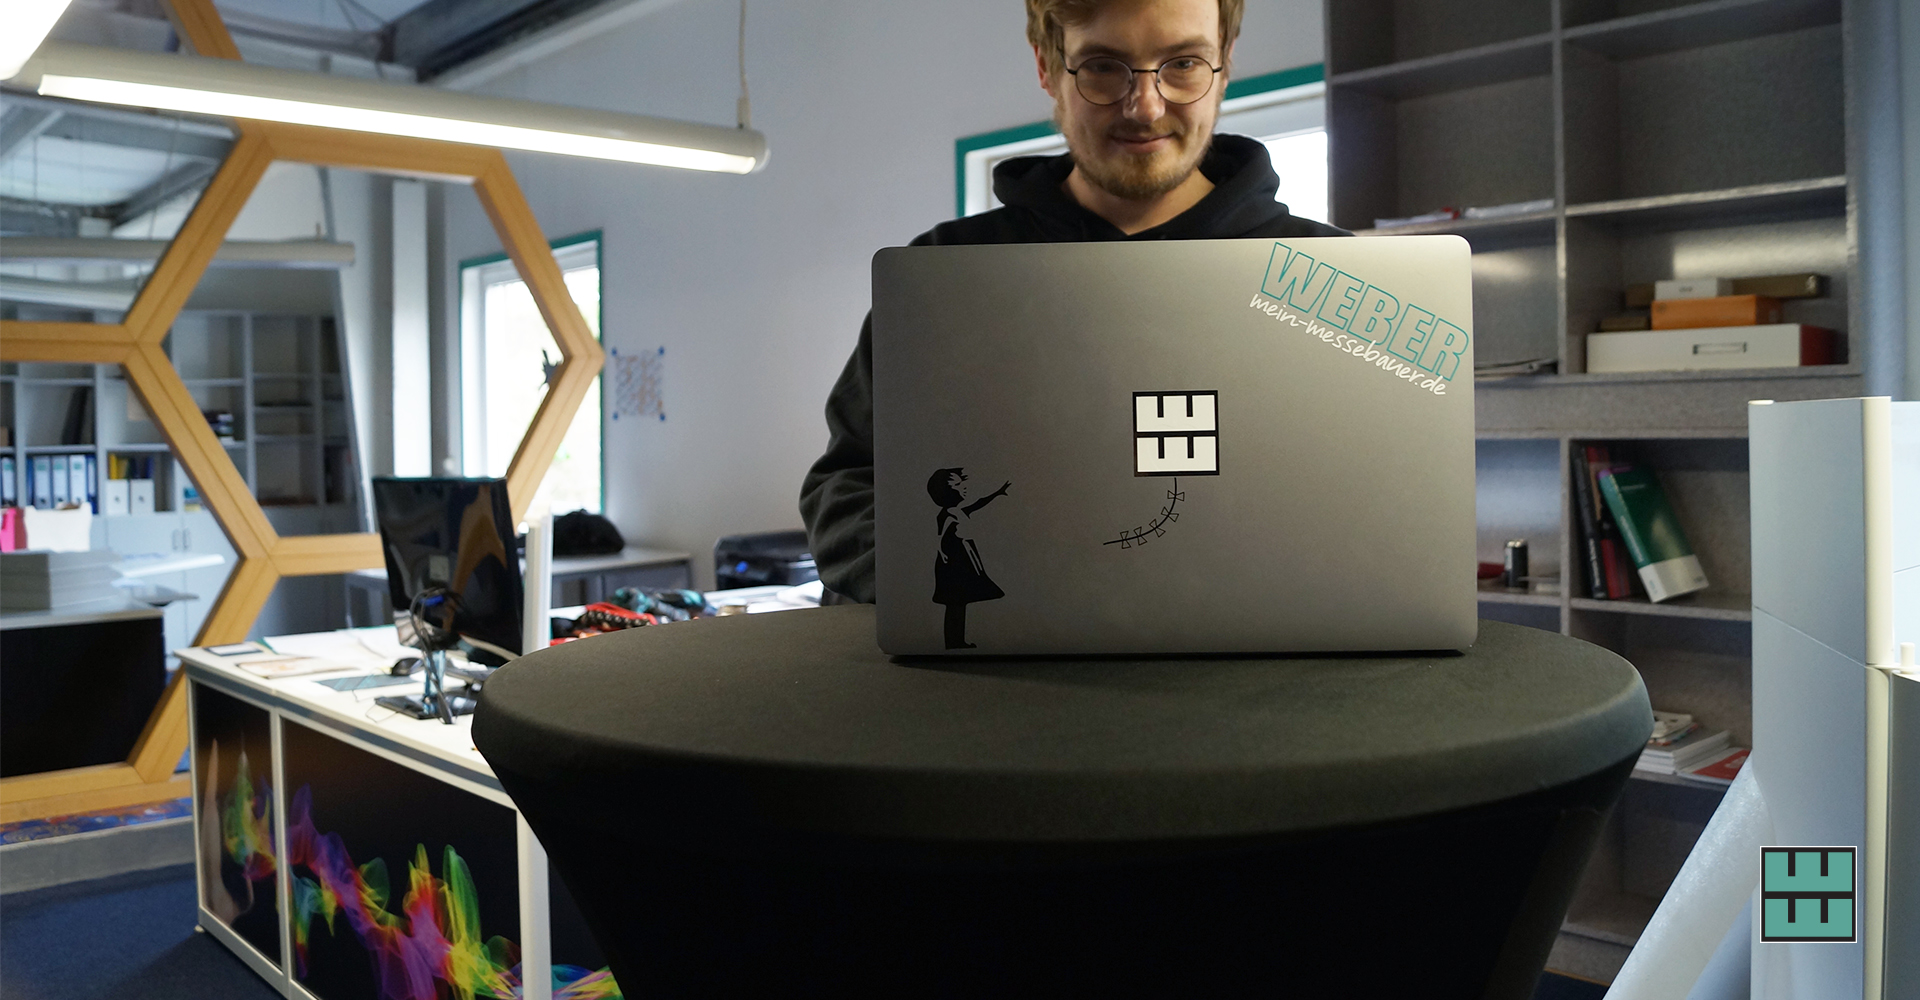 3 Ideen, wie Sie Ihr Büro oder Ihre Wohnung verschönern können Weber Werbung Delligsen Aufkleber Laptop